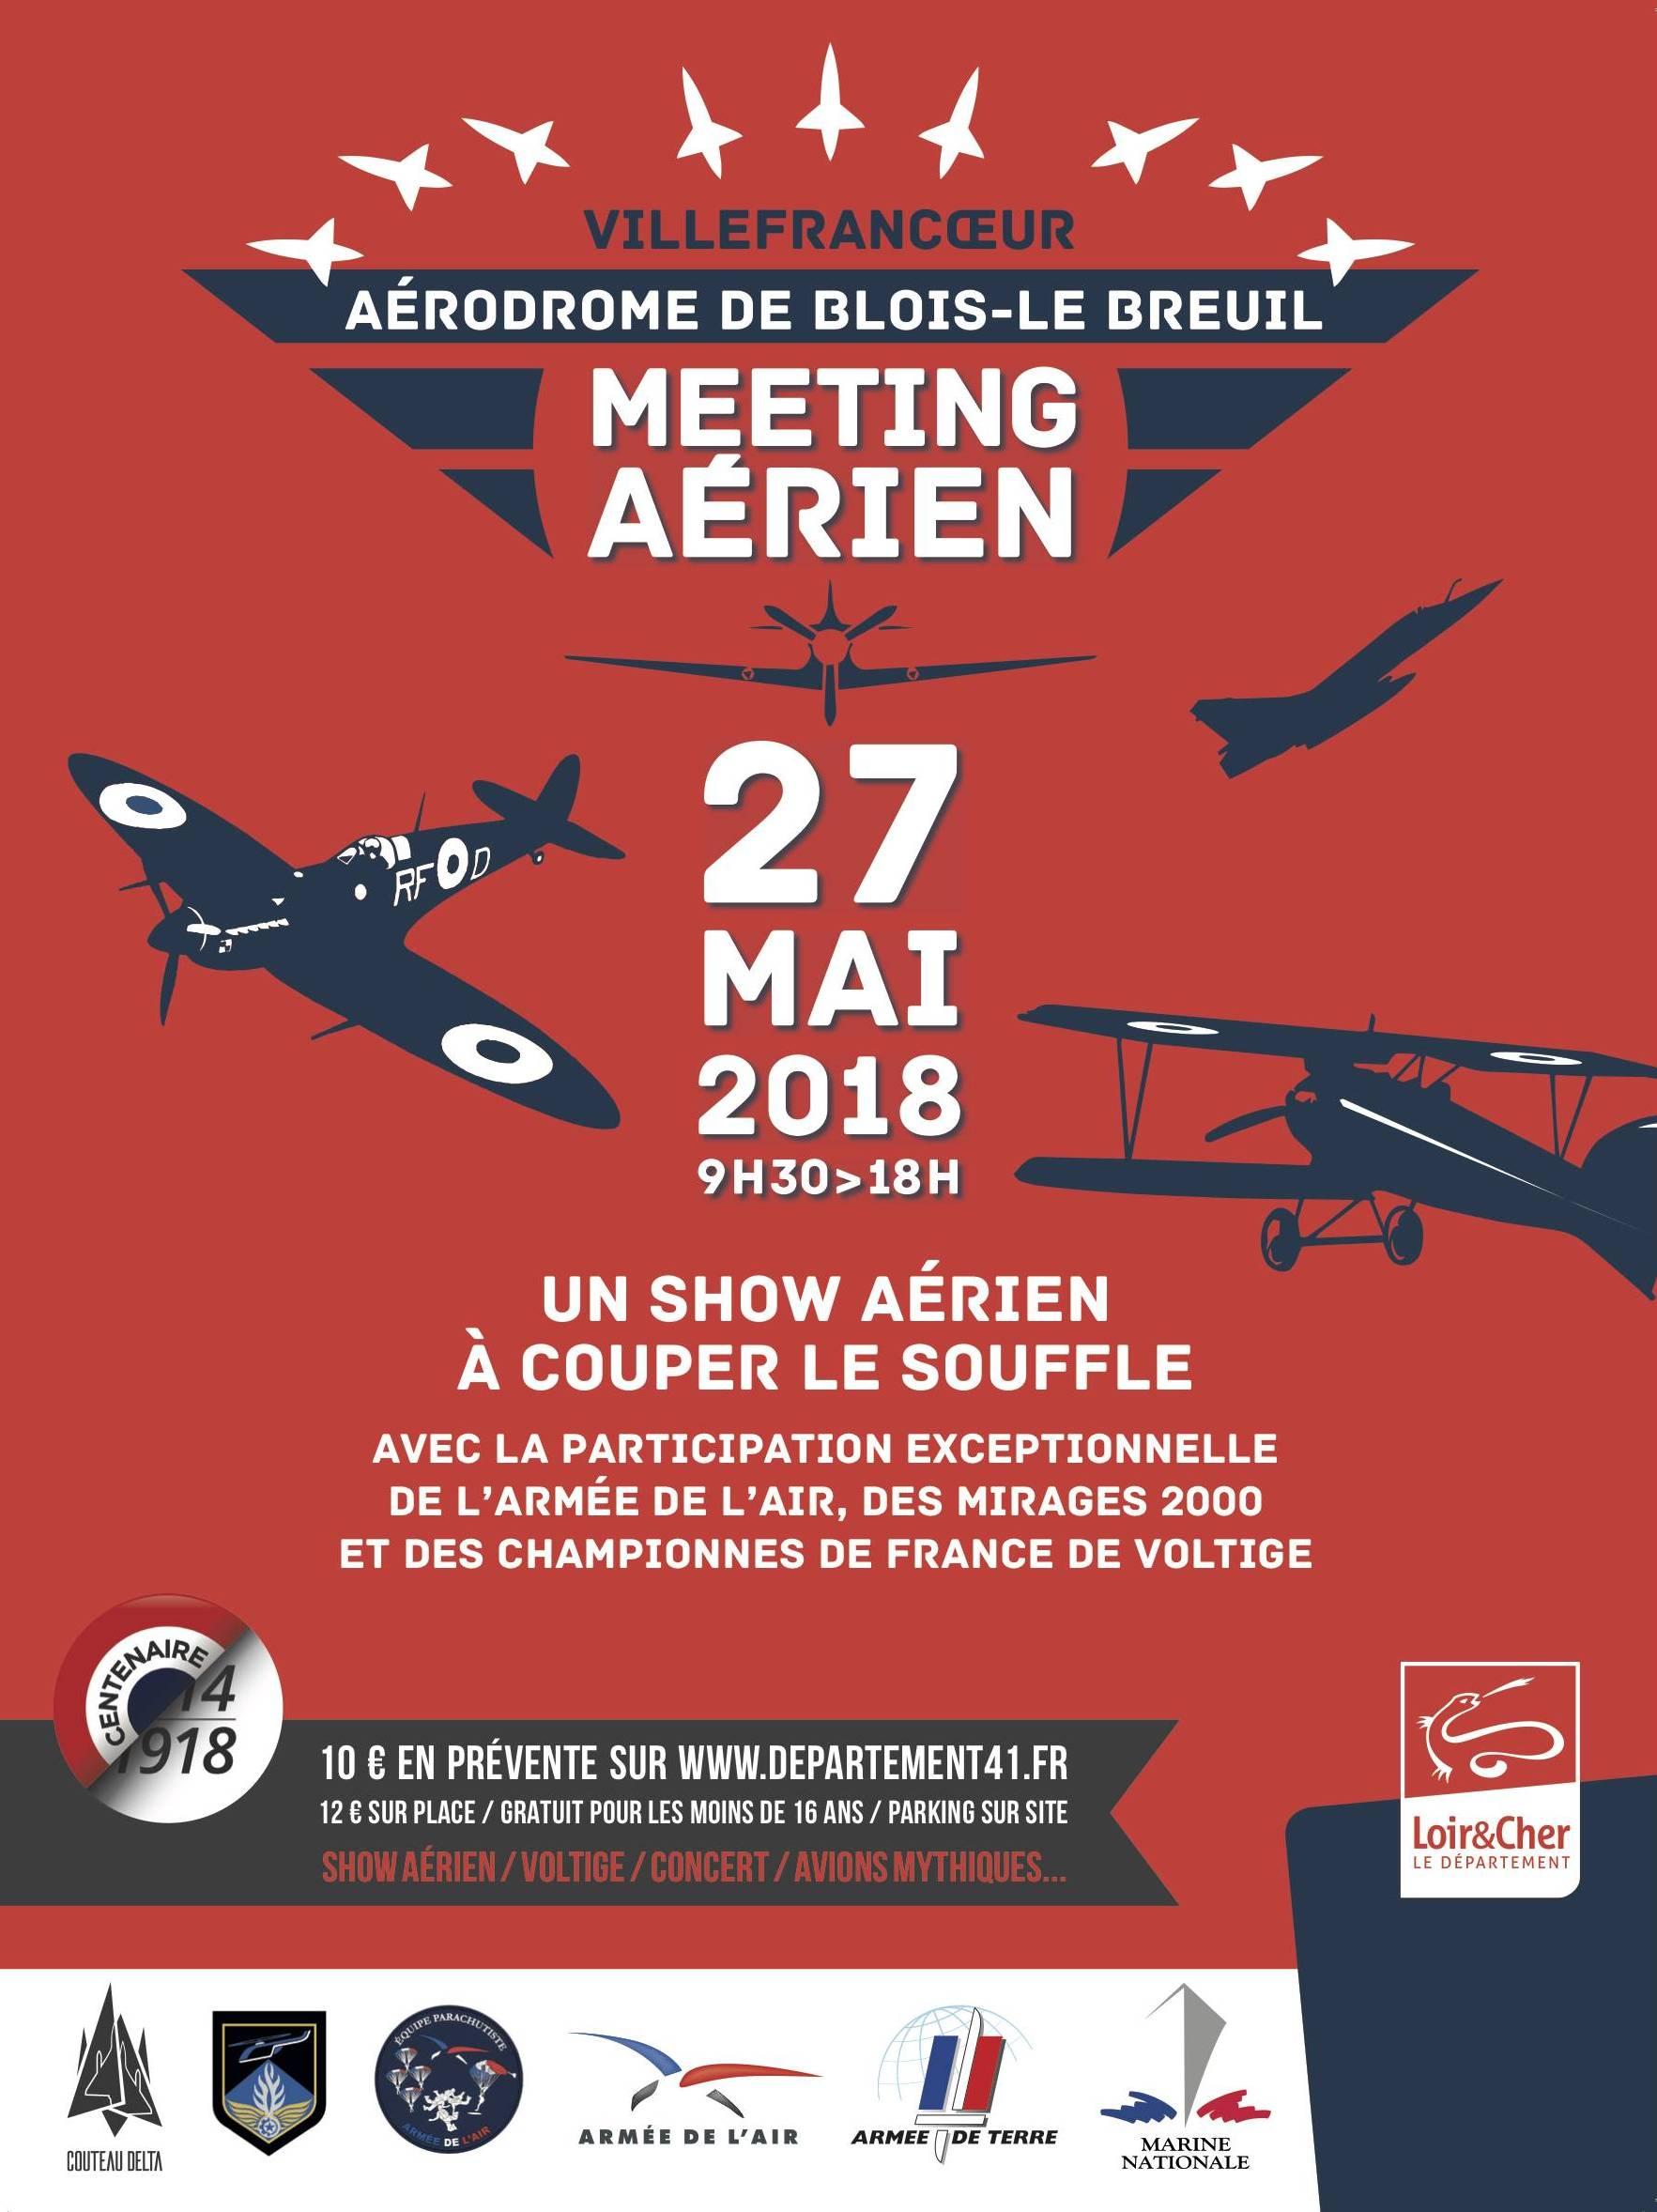 Meeting aérien sur l'aérodrome de Blois - Le Breuil